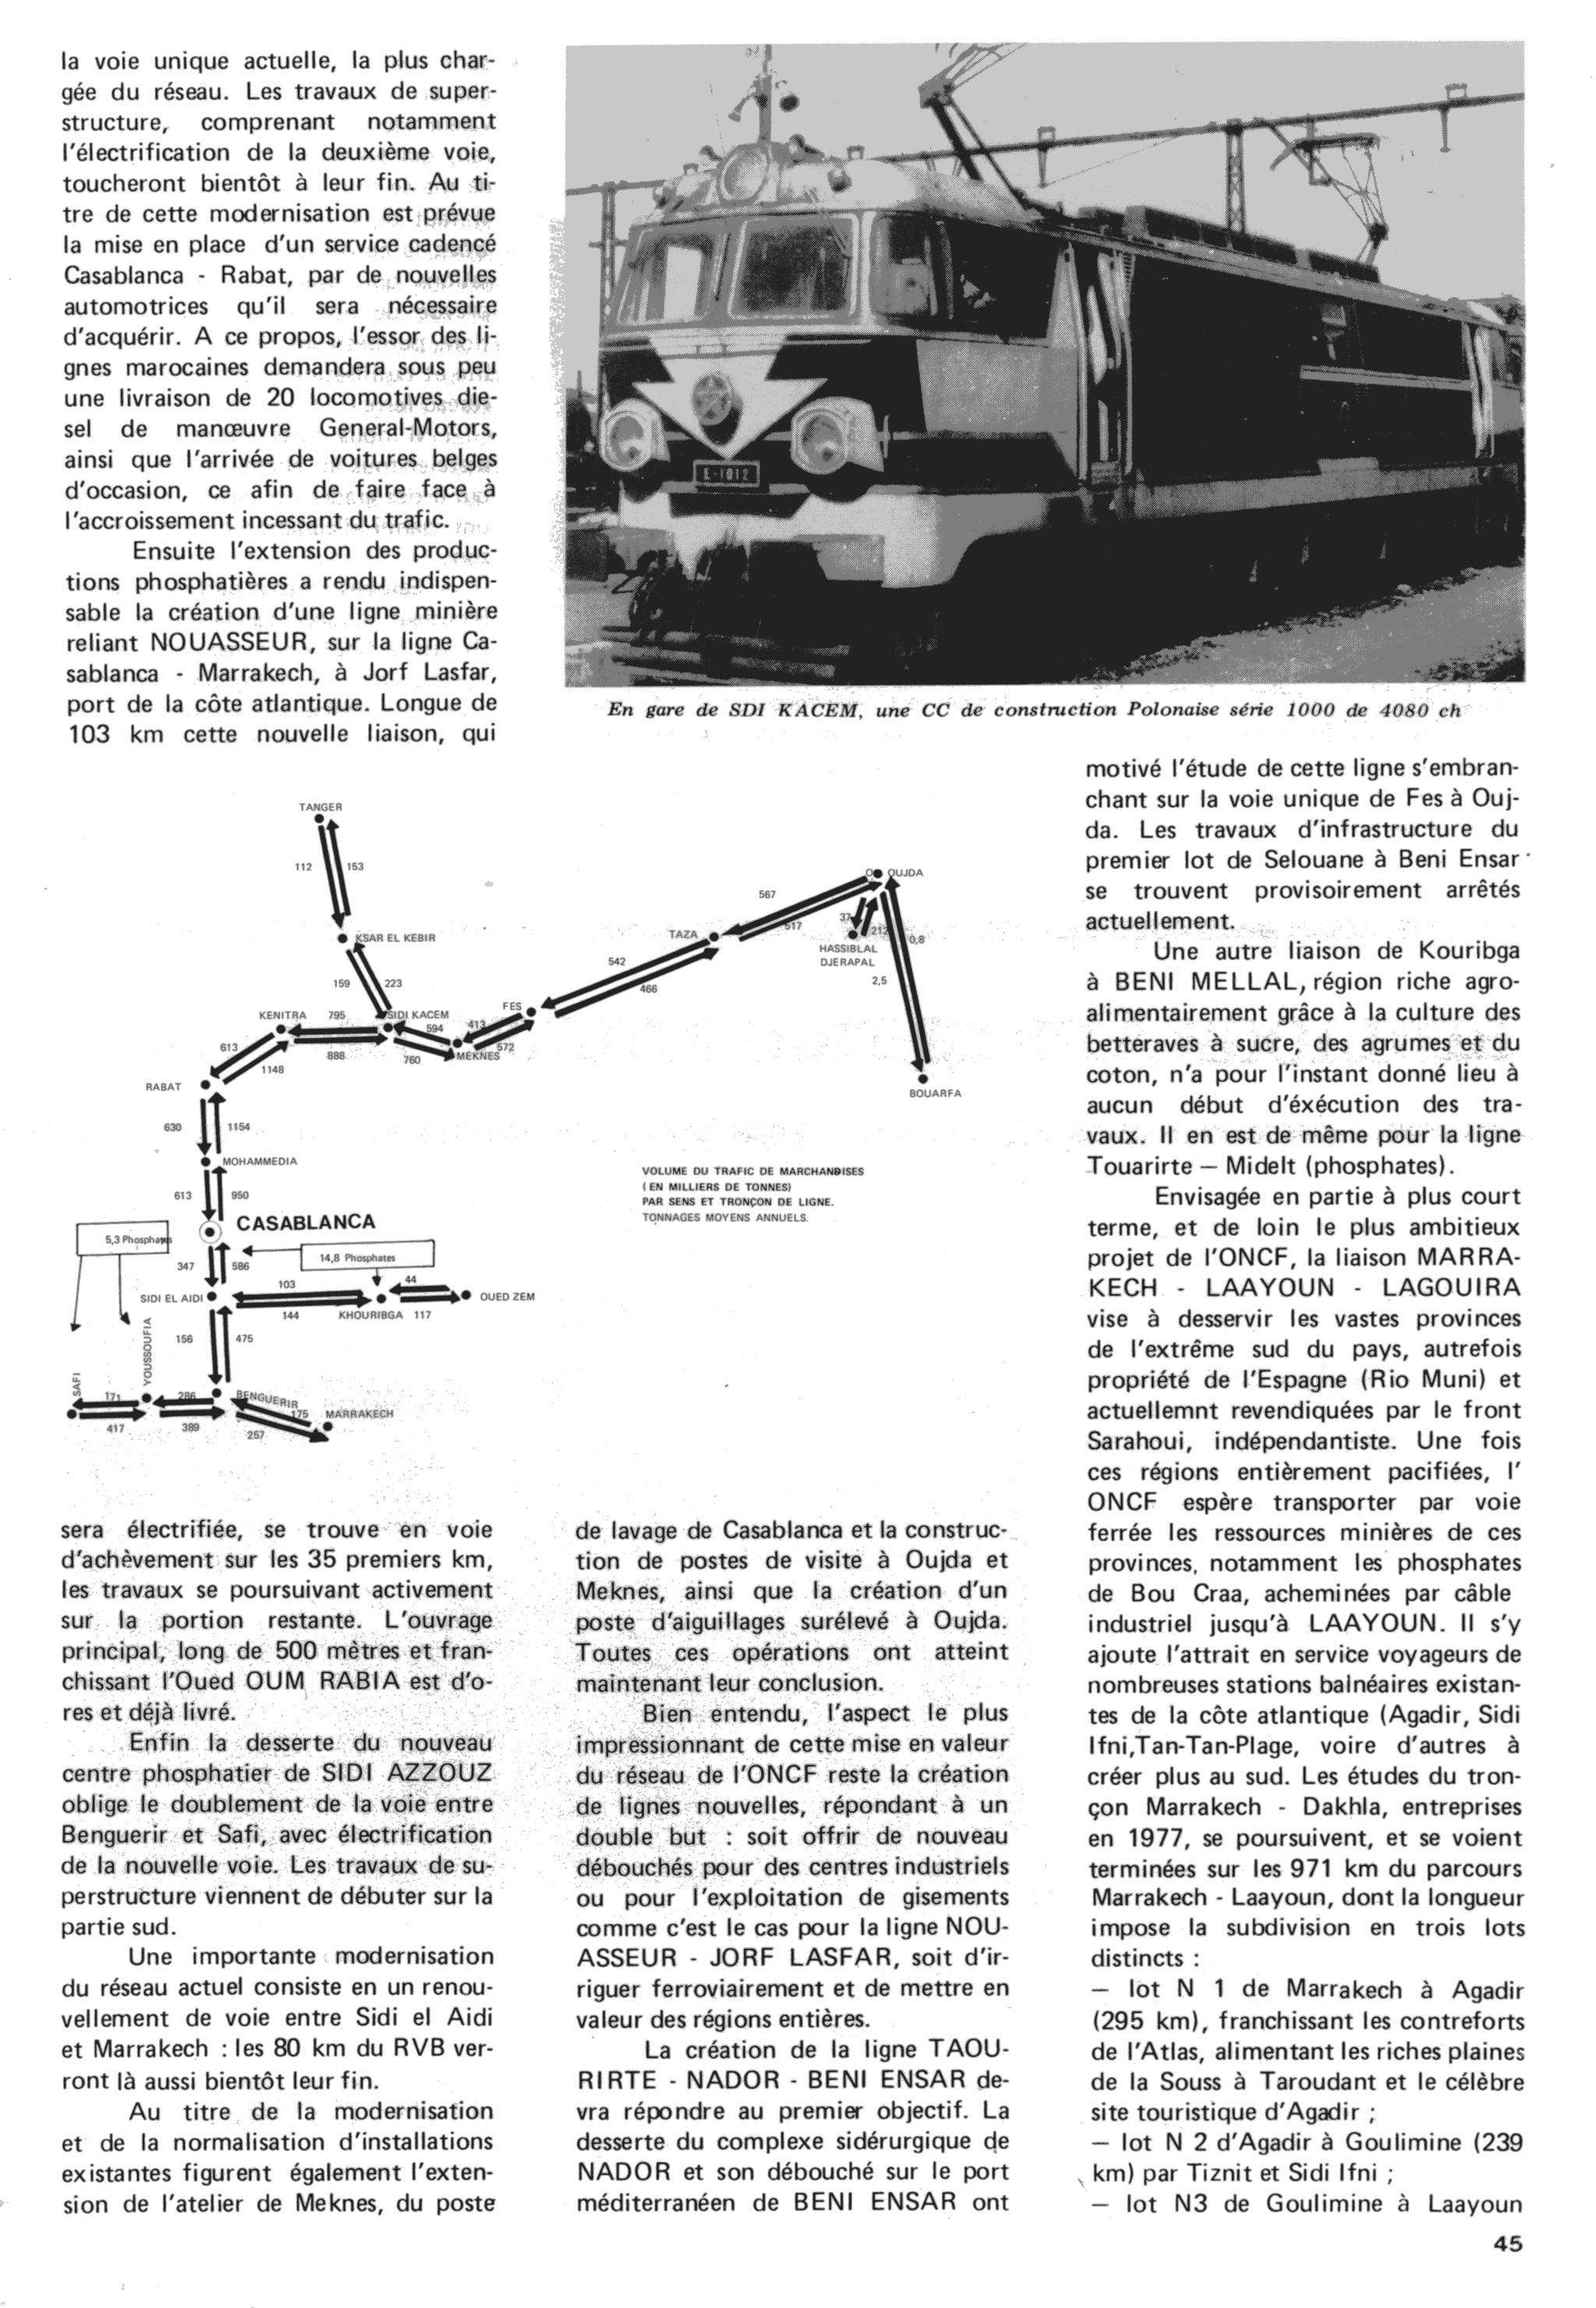 Chemins de Fer au Maroc - ONCF  - Page 4 49736697711_eb2a00dd0e_o_d